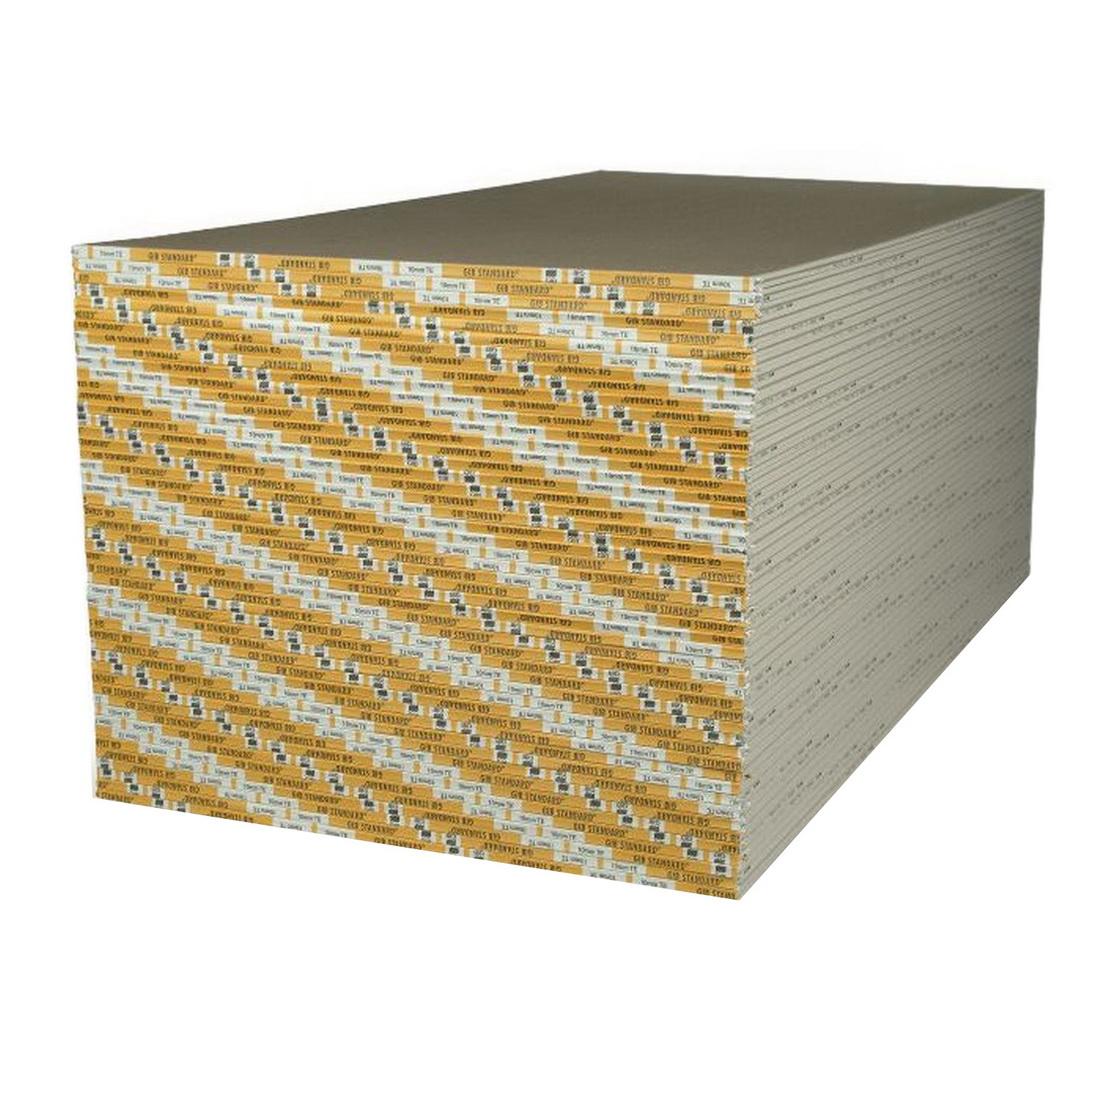 Standard Wallboard 4800 x 1200 x 10mm Taper Edge/Square Edge